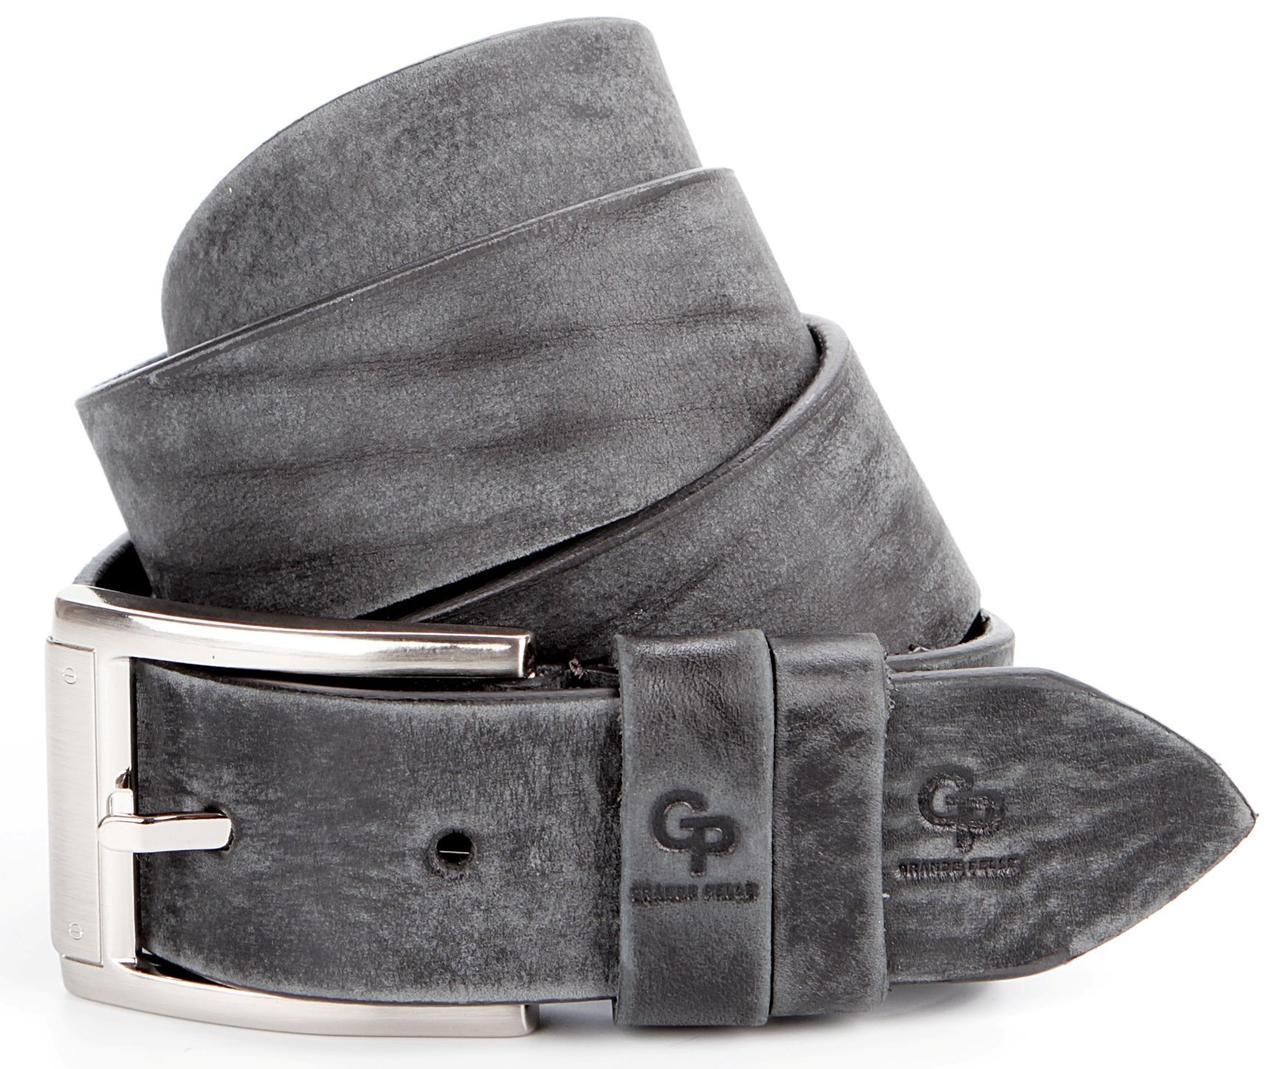 Ремінь чоловічий GRANDE PELLE 00863 джинсовий Сірий, Сірий